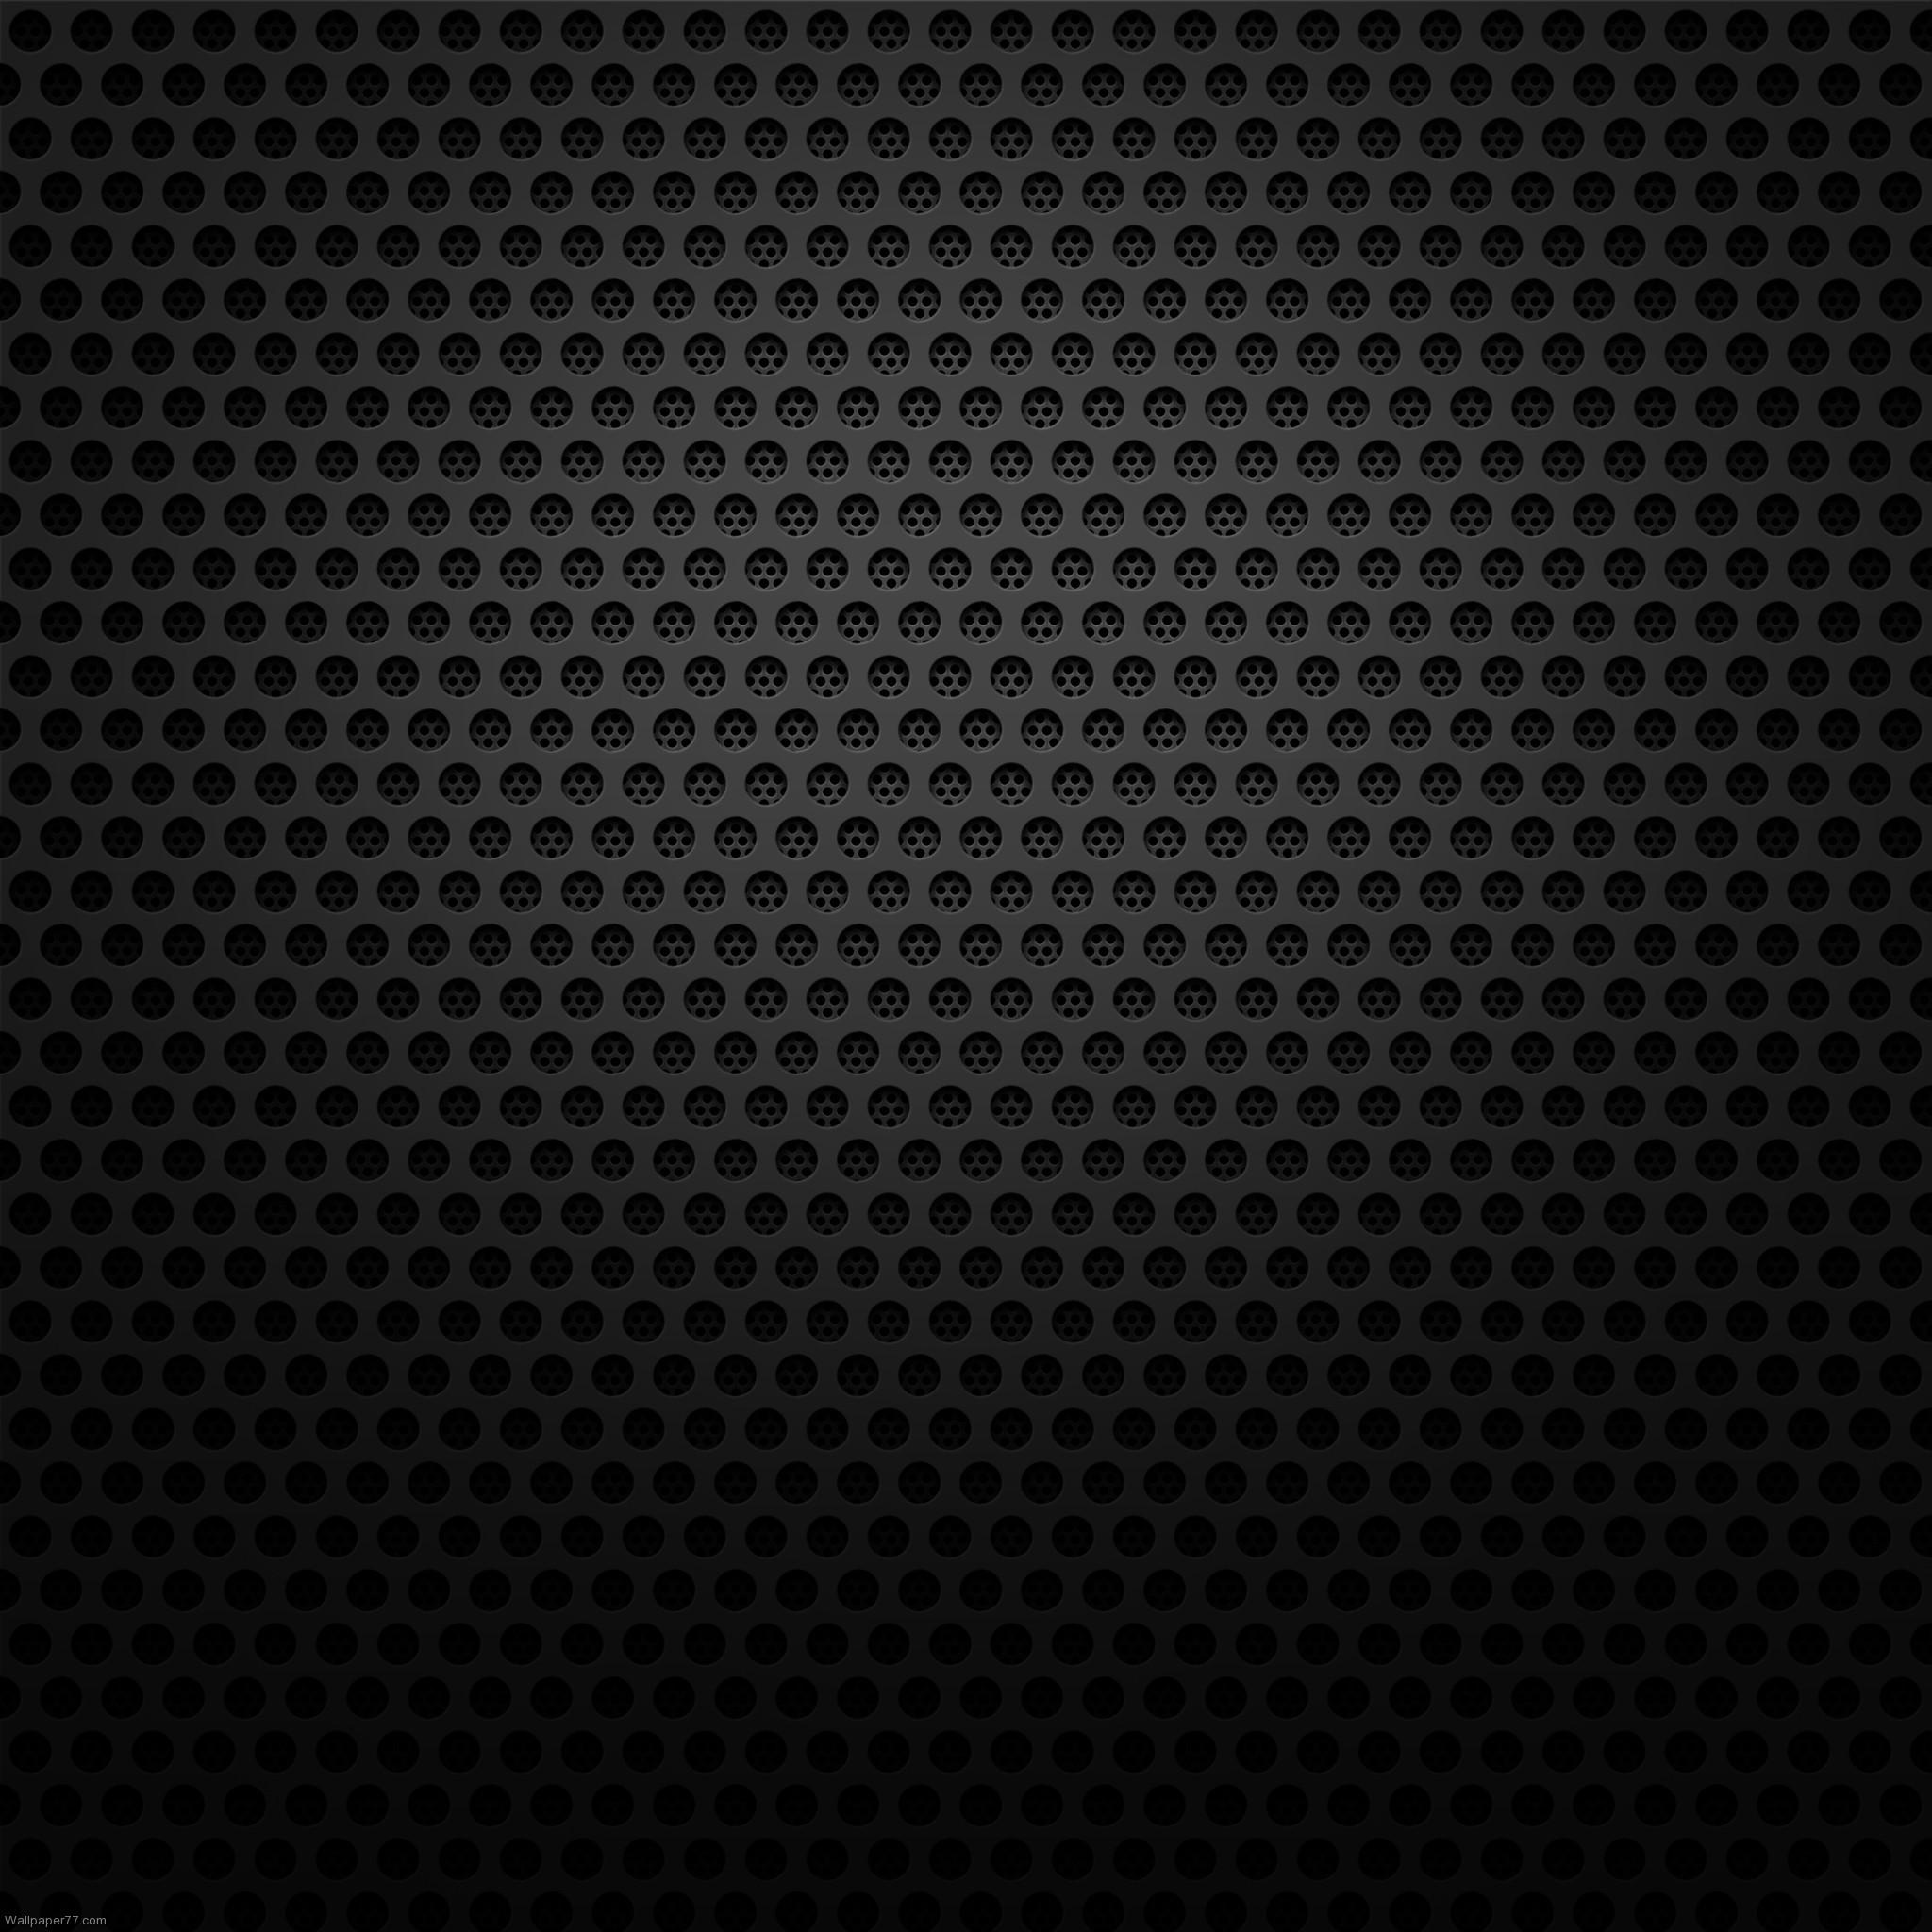 Black Hole clipart pixel #12